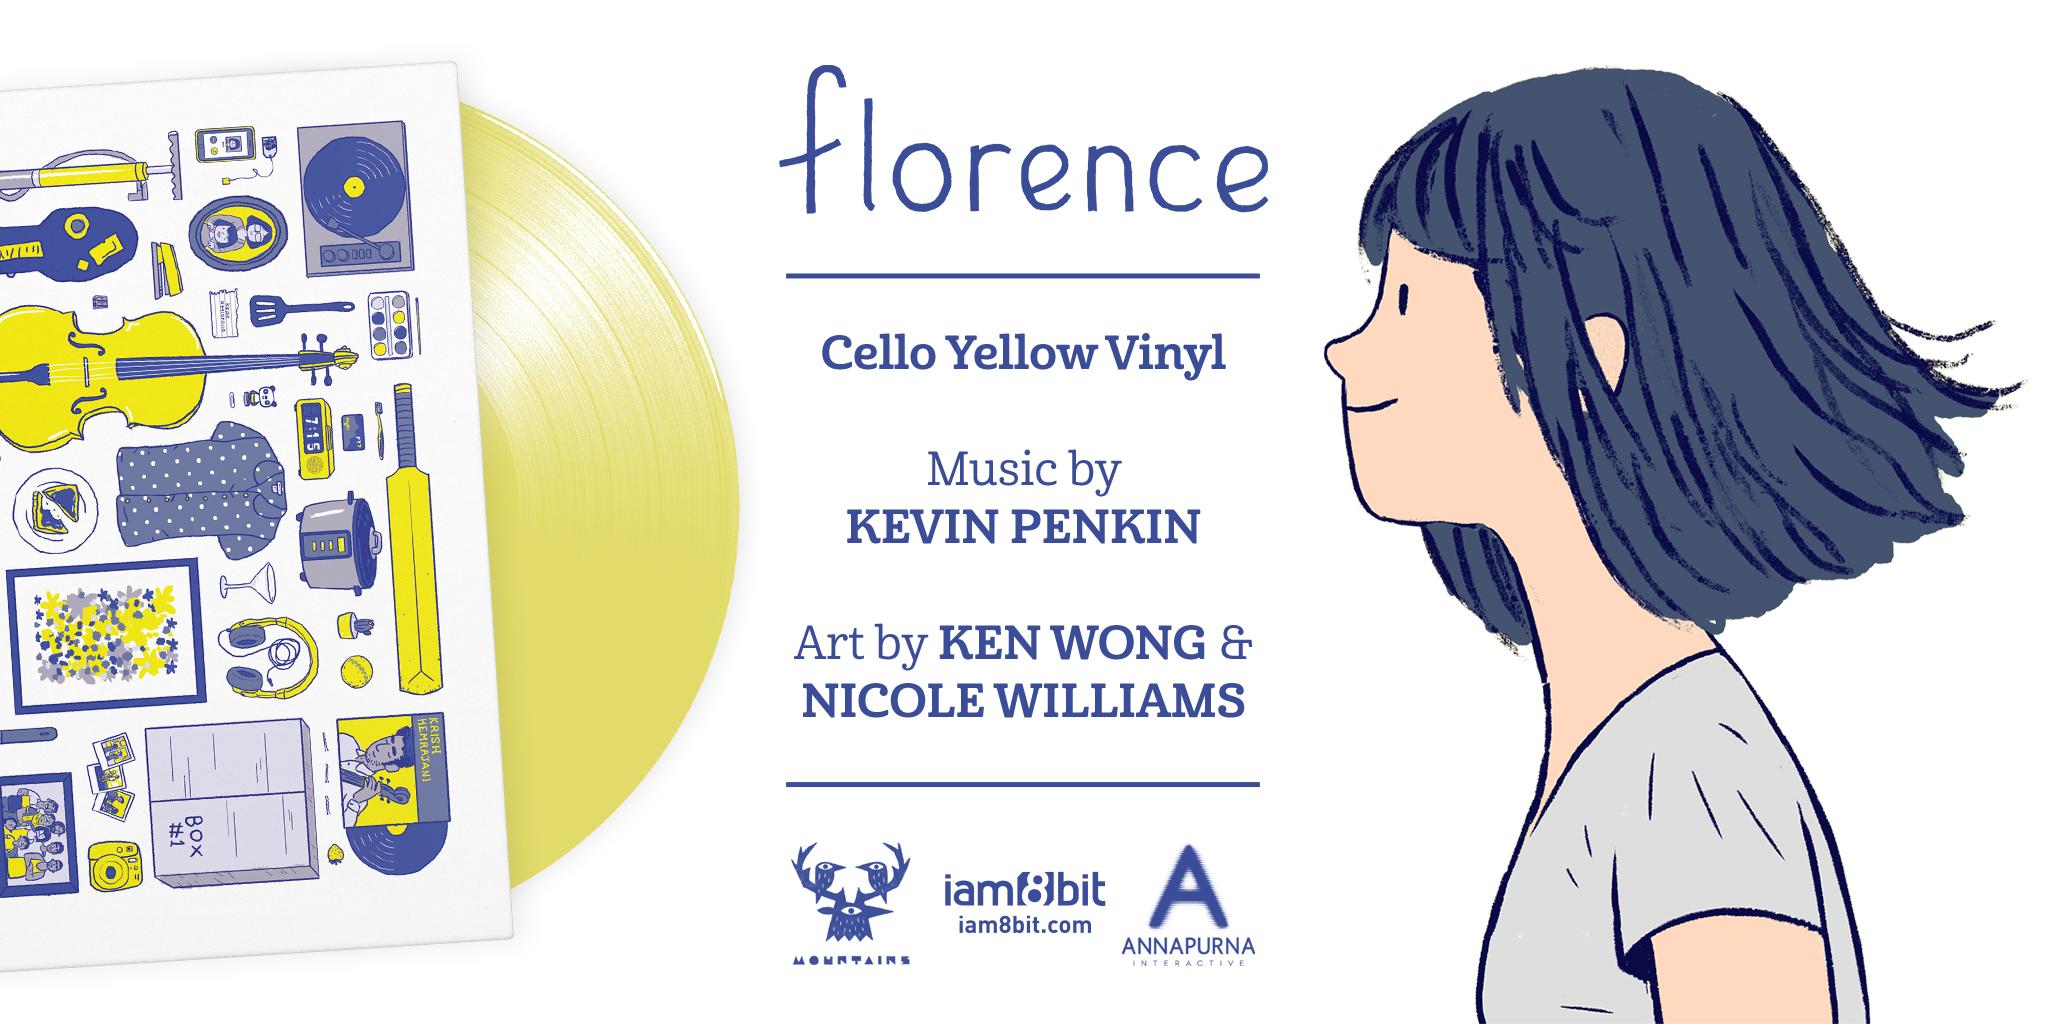 twitter02-florence-vinyl (1).jpg